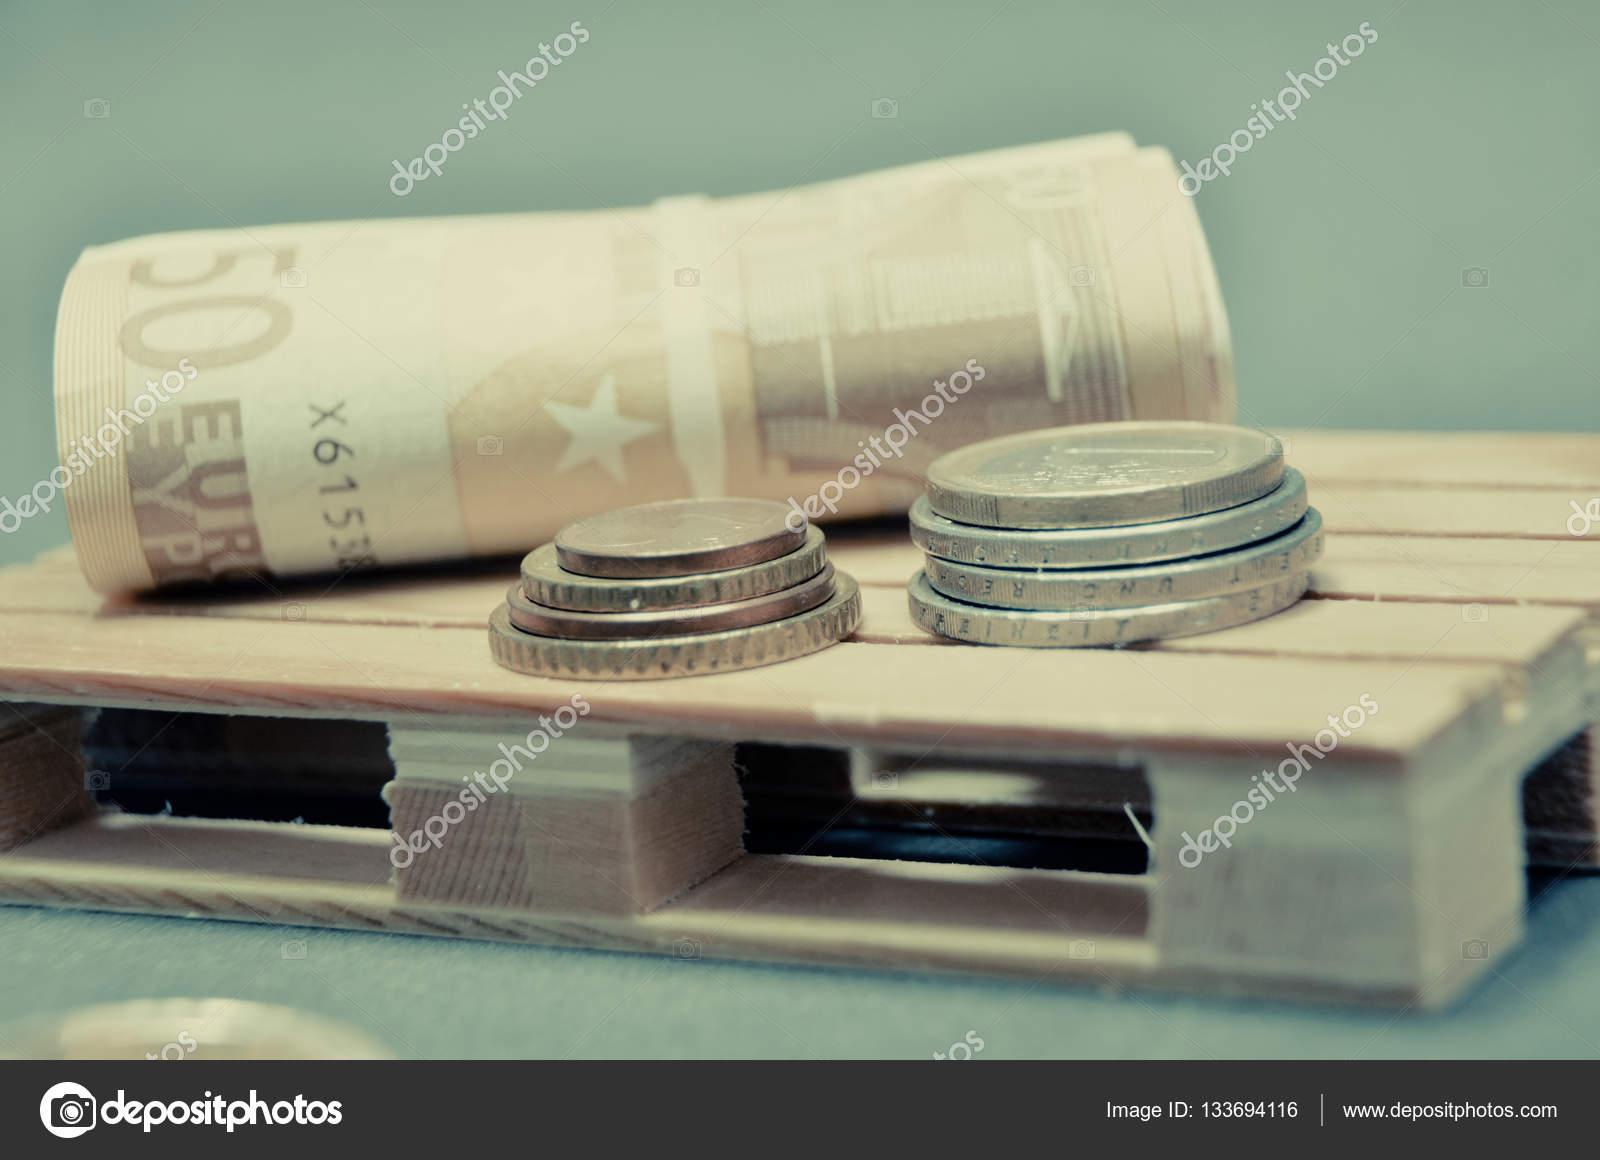 Wunderbar Efeito De Foto Vintage Retrô De Dinheiro Das Notas E Moedas De Euro No  Palete U2014